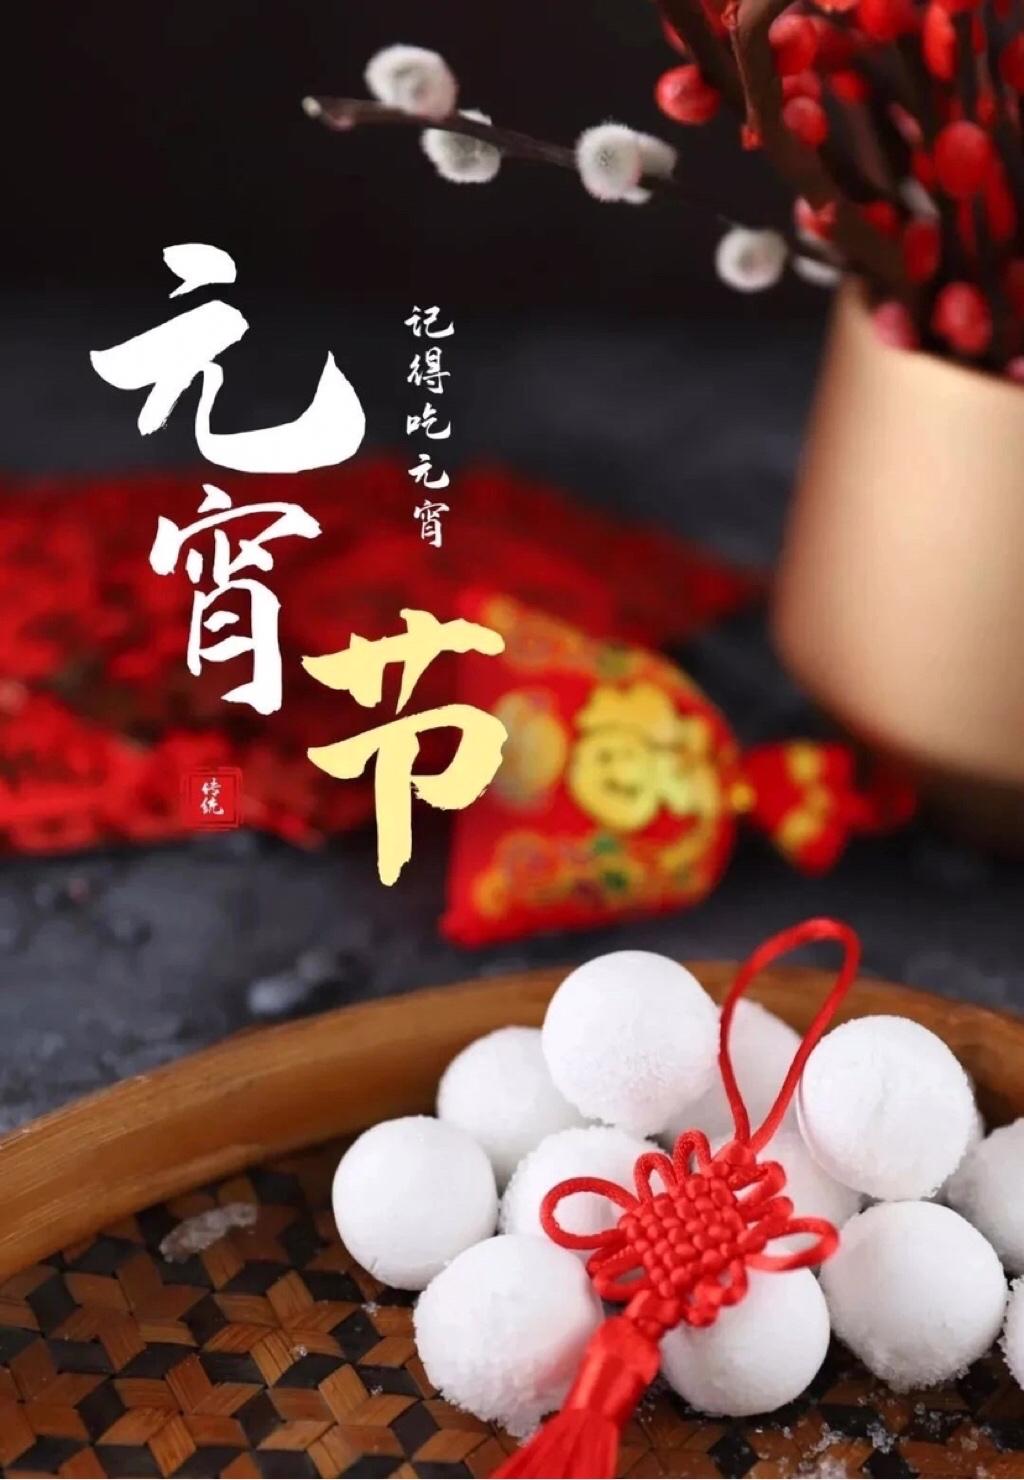 元宵节,记得吃元宵哦! ㊗️:大家元宵节快乐